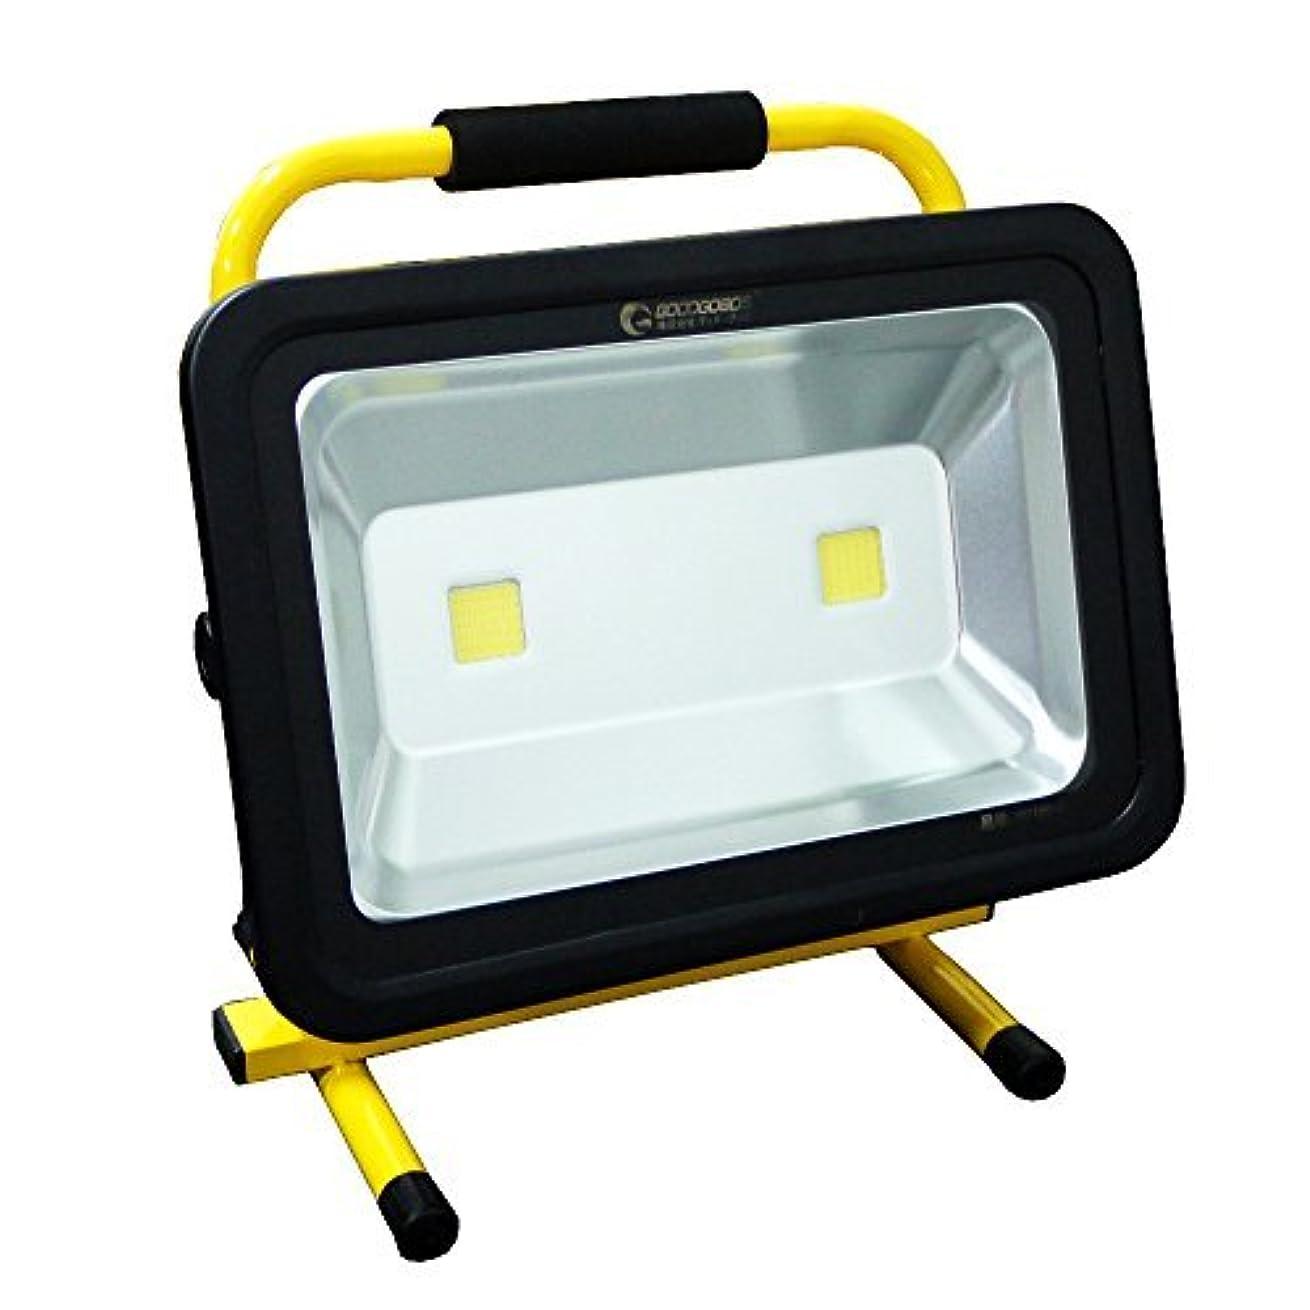 知らせるつかの間シャツGOODGOODS LED 充電式 投光器 50W/100W ポータブル投光器 11000LM【明るさ切替可能 1台で50W、100Wの2役】 防水 バッテリー搭載 【一年保証】YC100